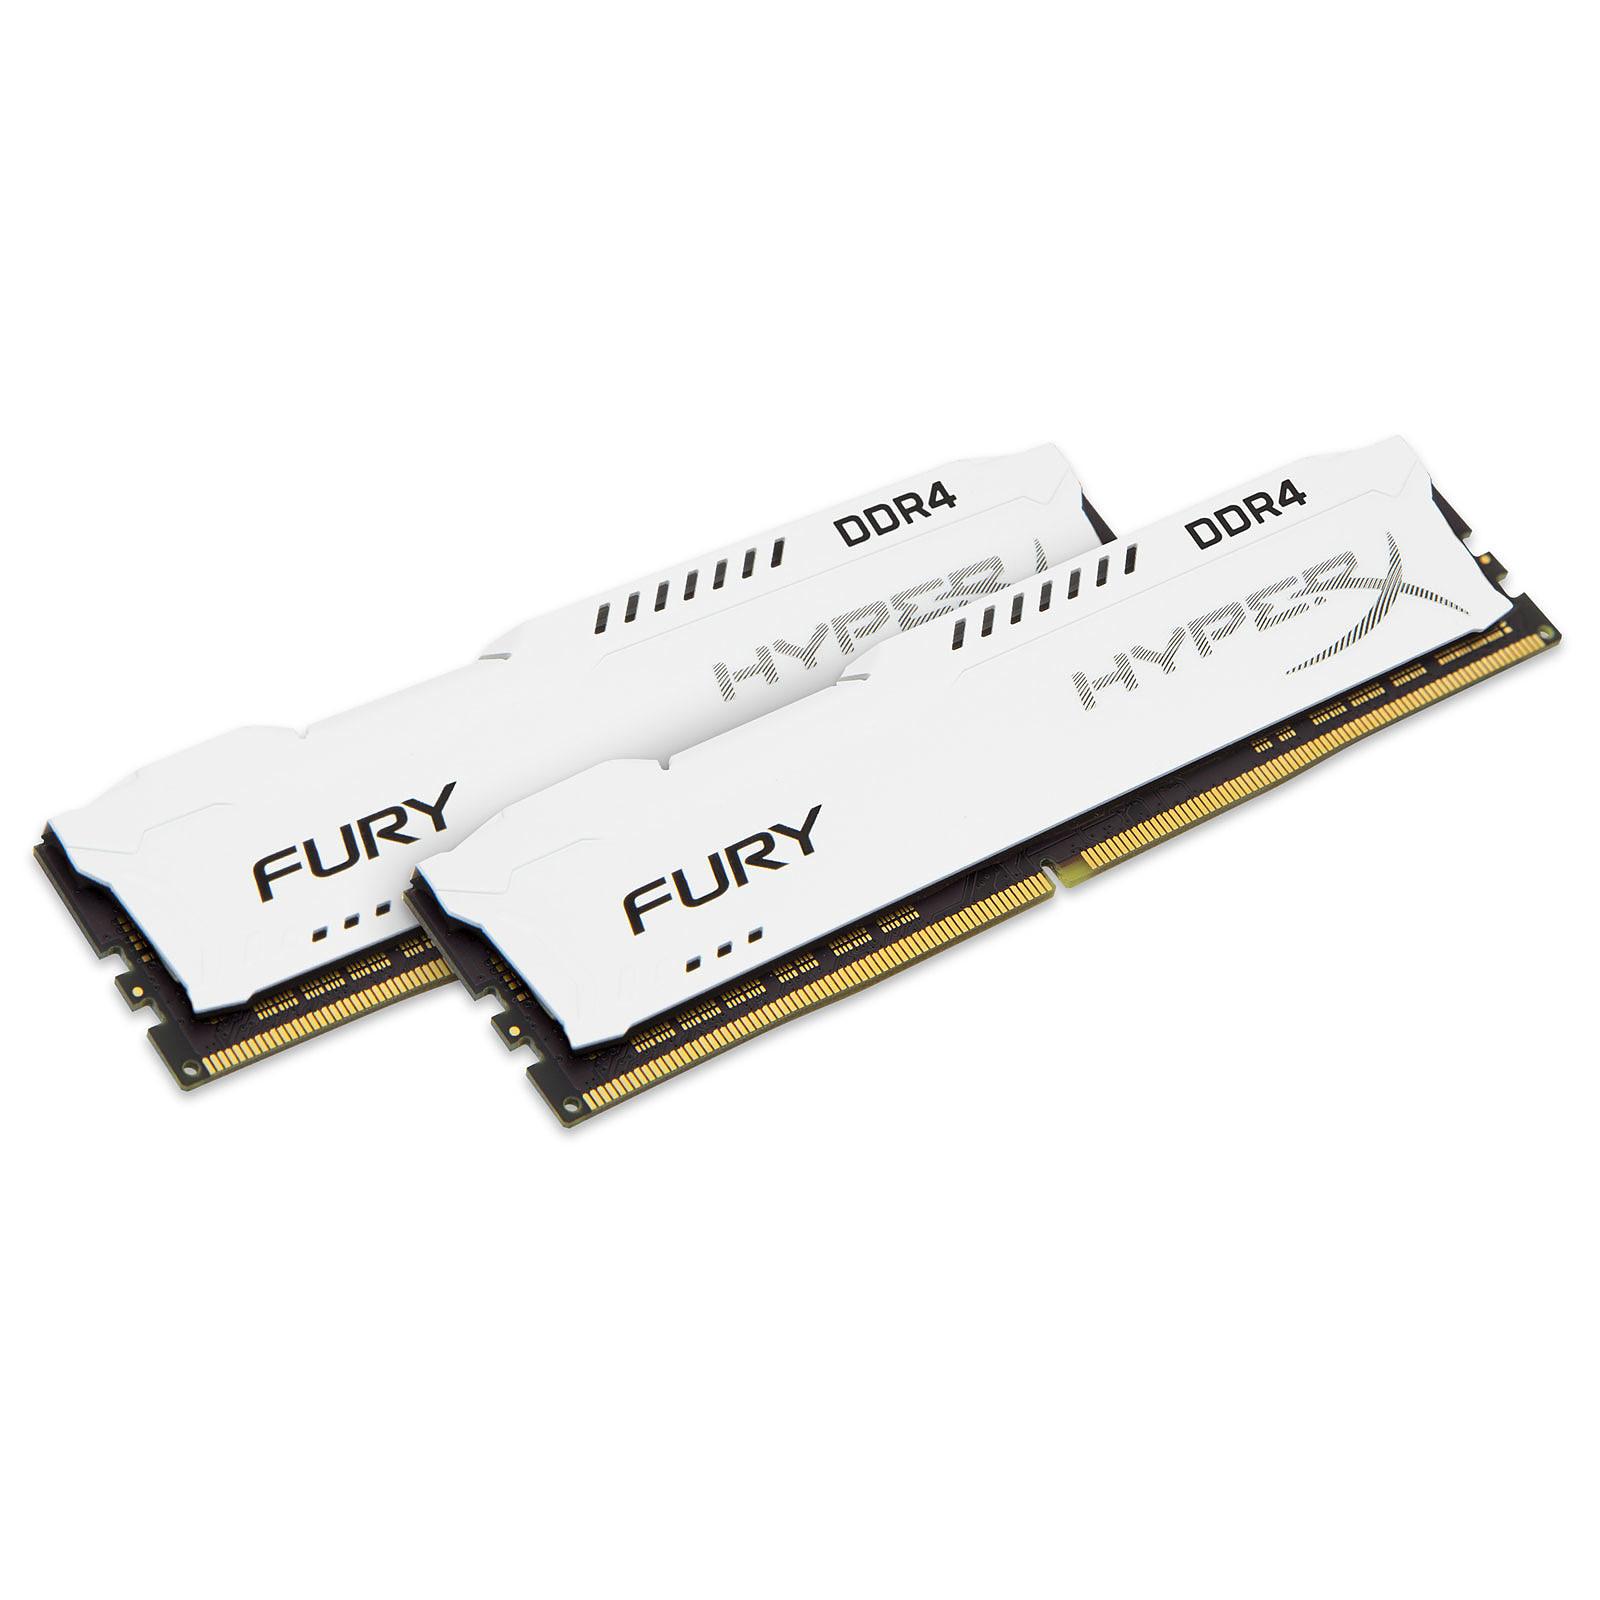 HyperX Fury Blanc 16 Go (2x 8Go) DDR4 2133 MHz CL14